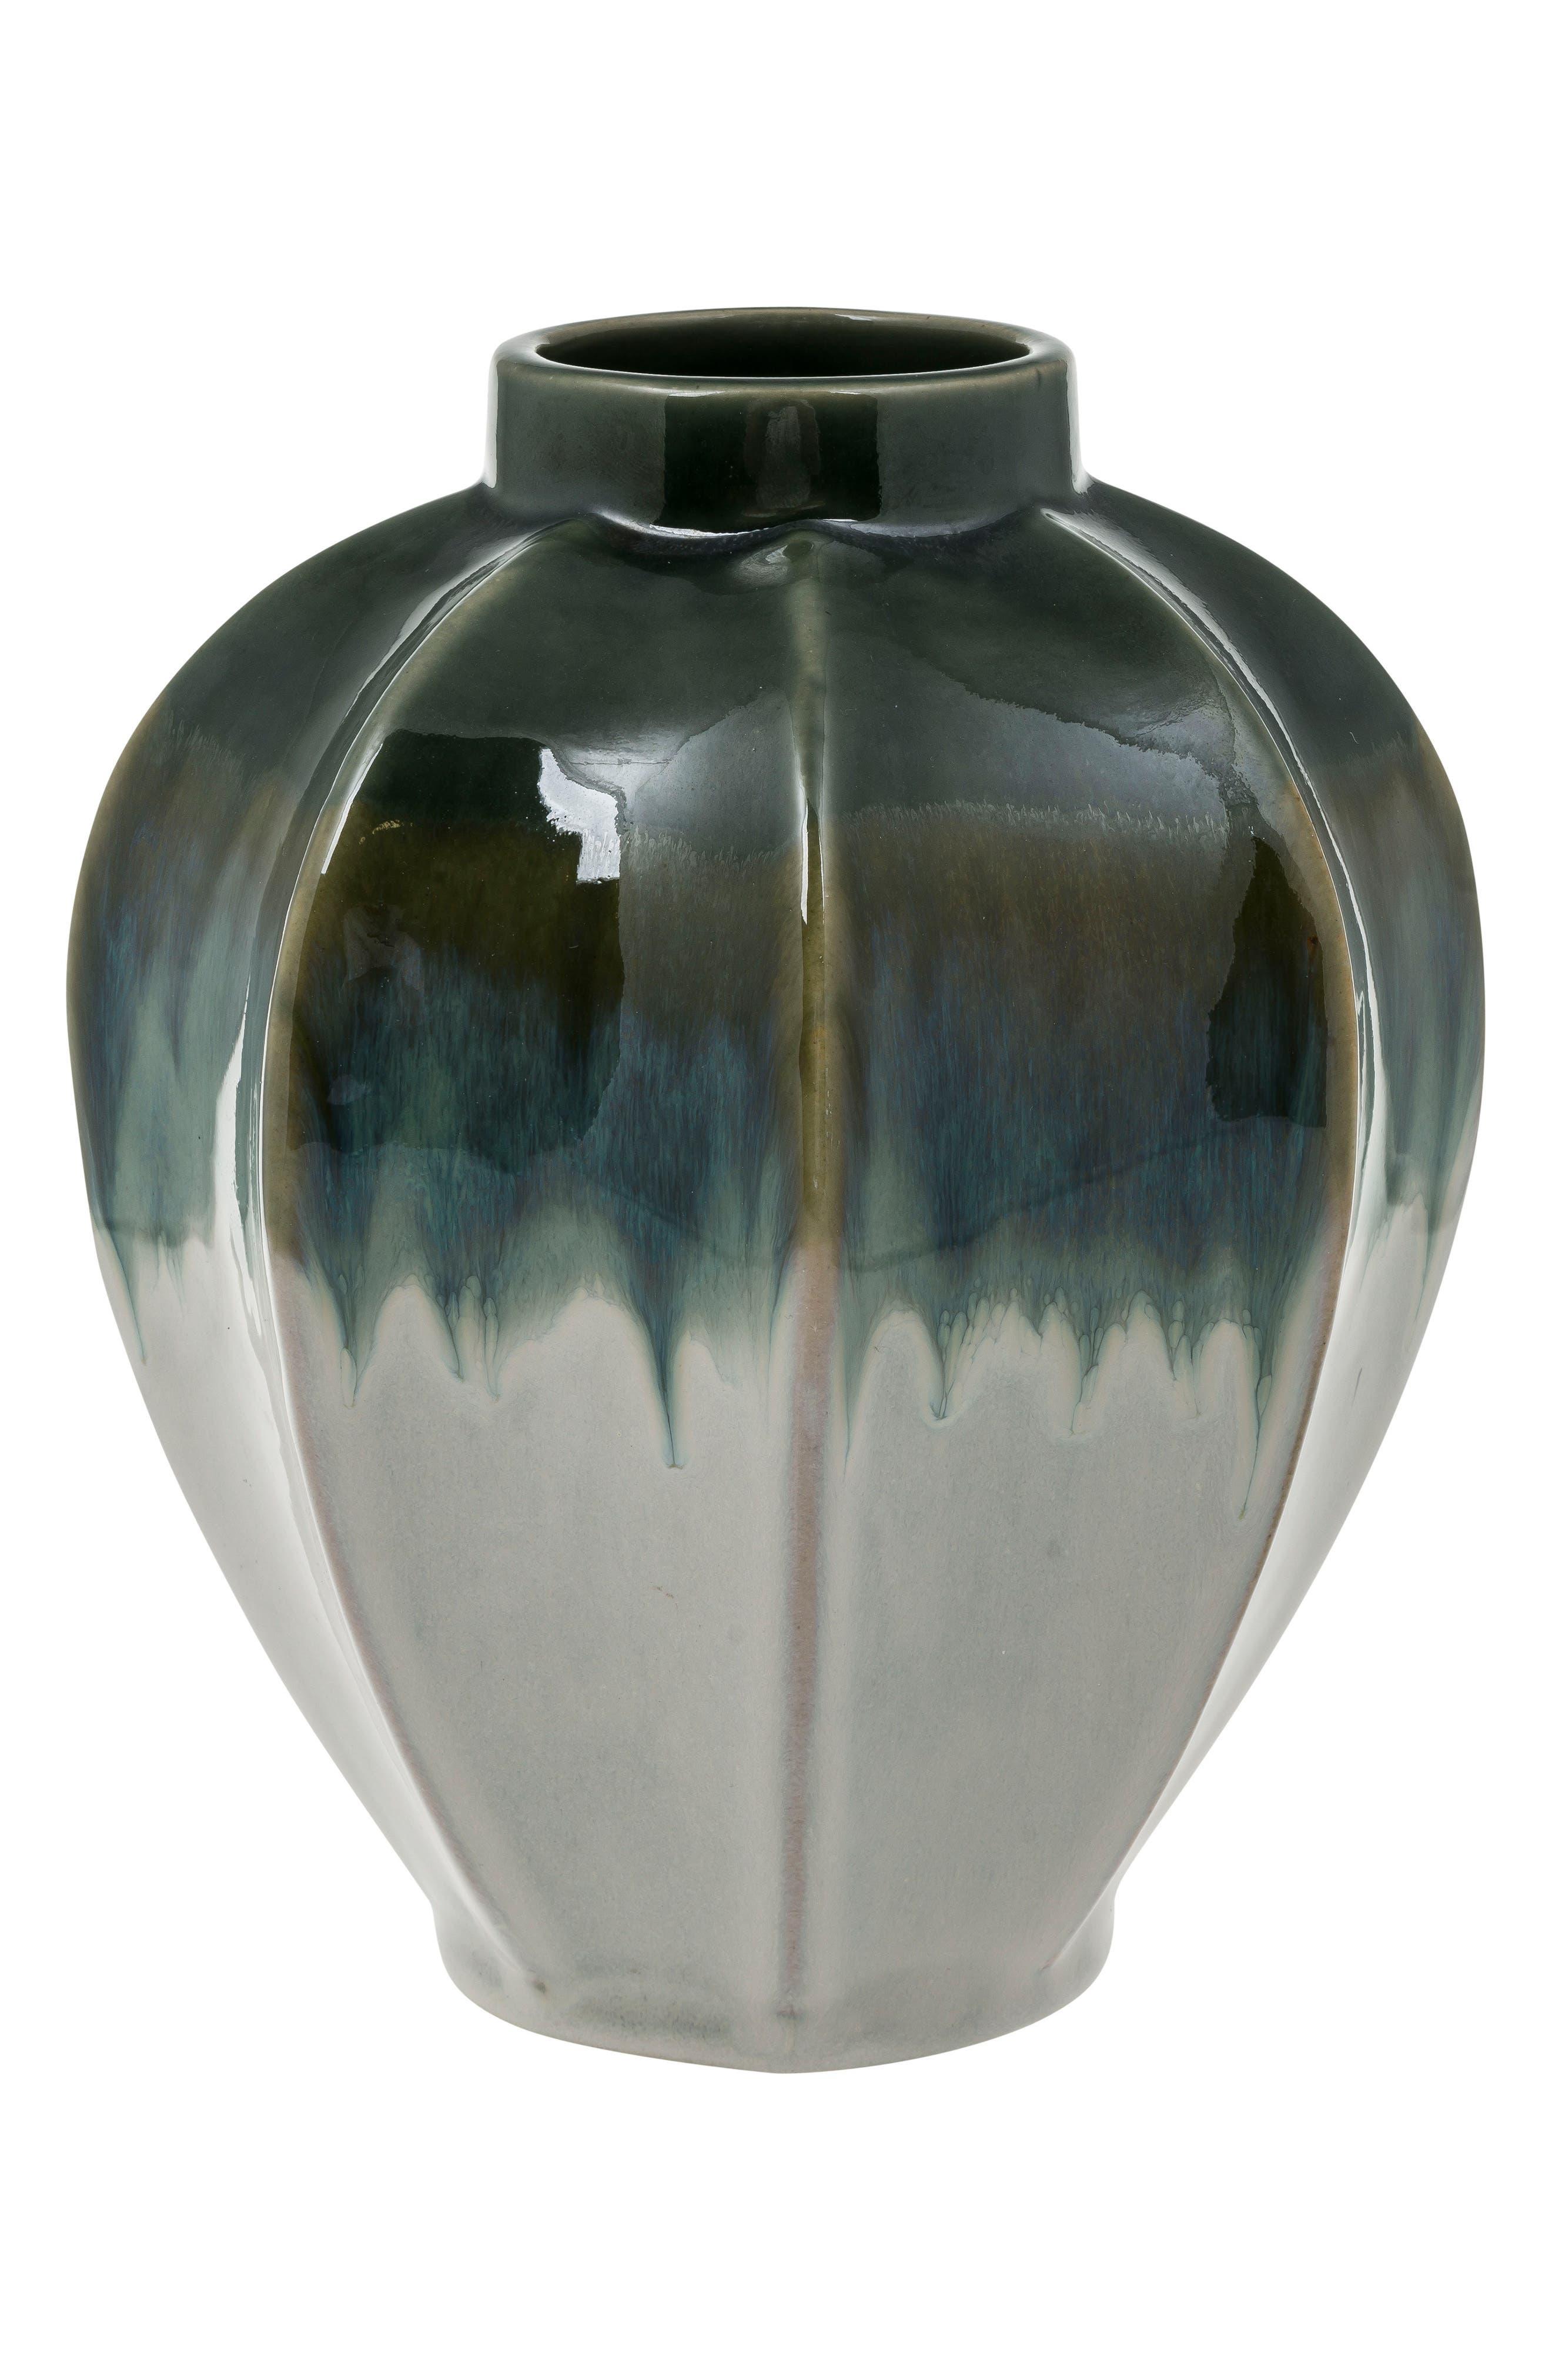 Alternate Image 1 Selected - Eightmood Bora Vase